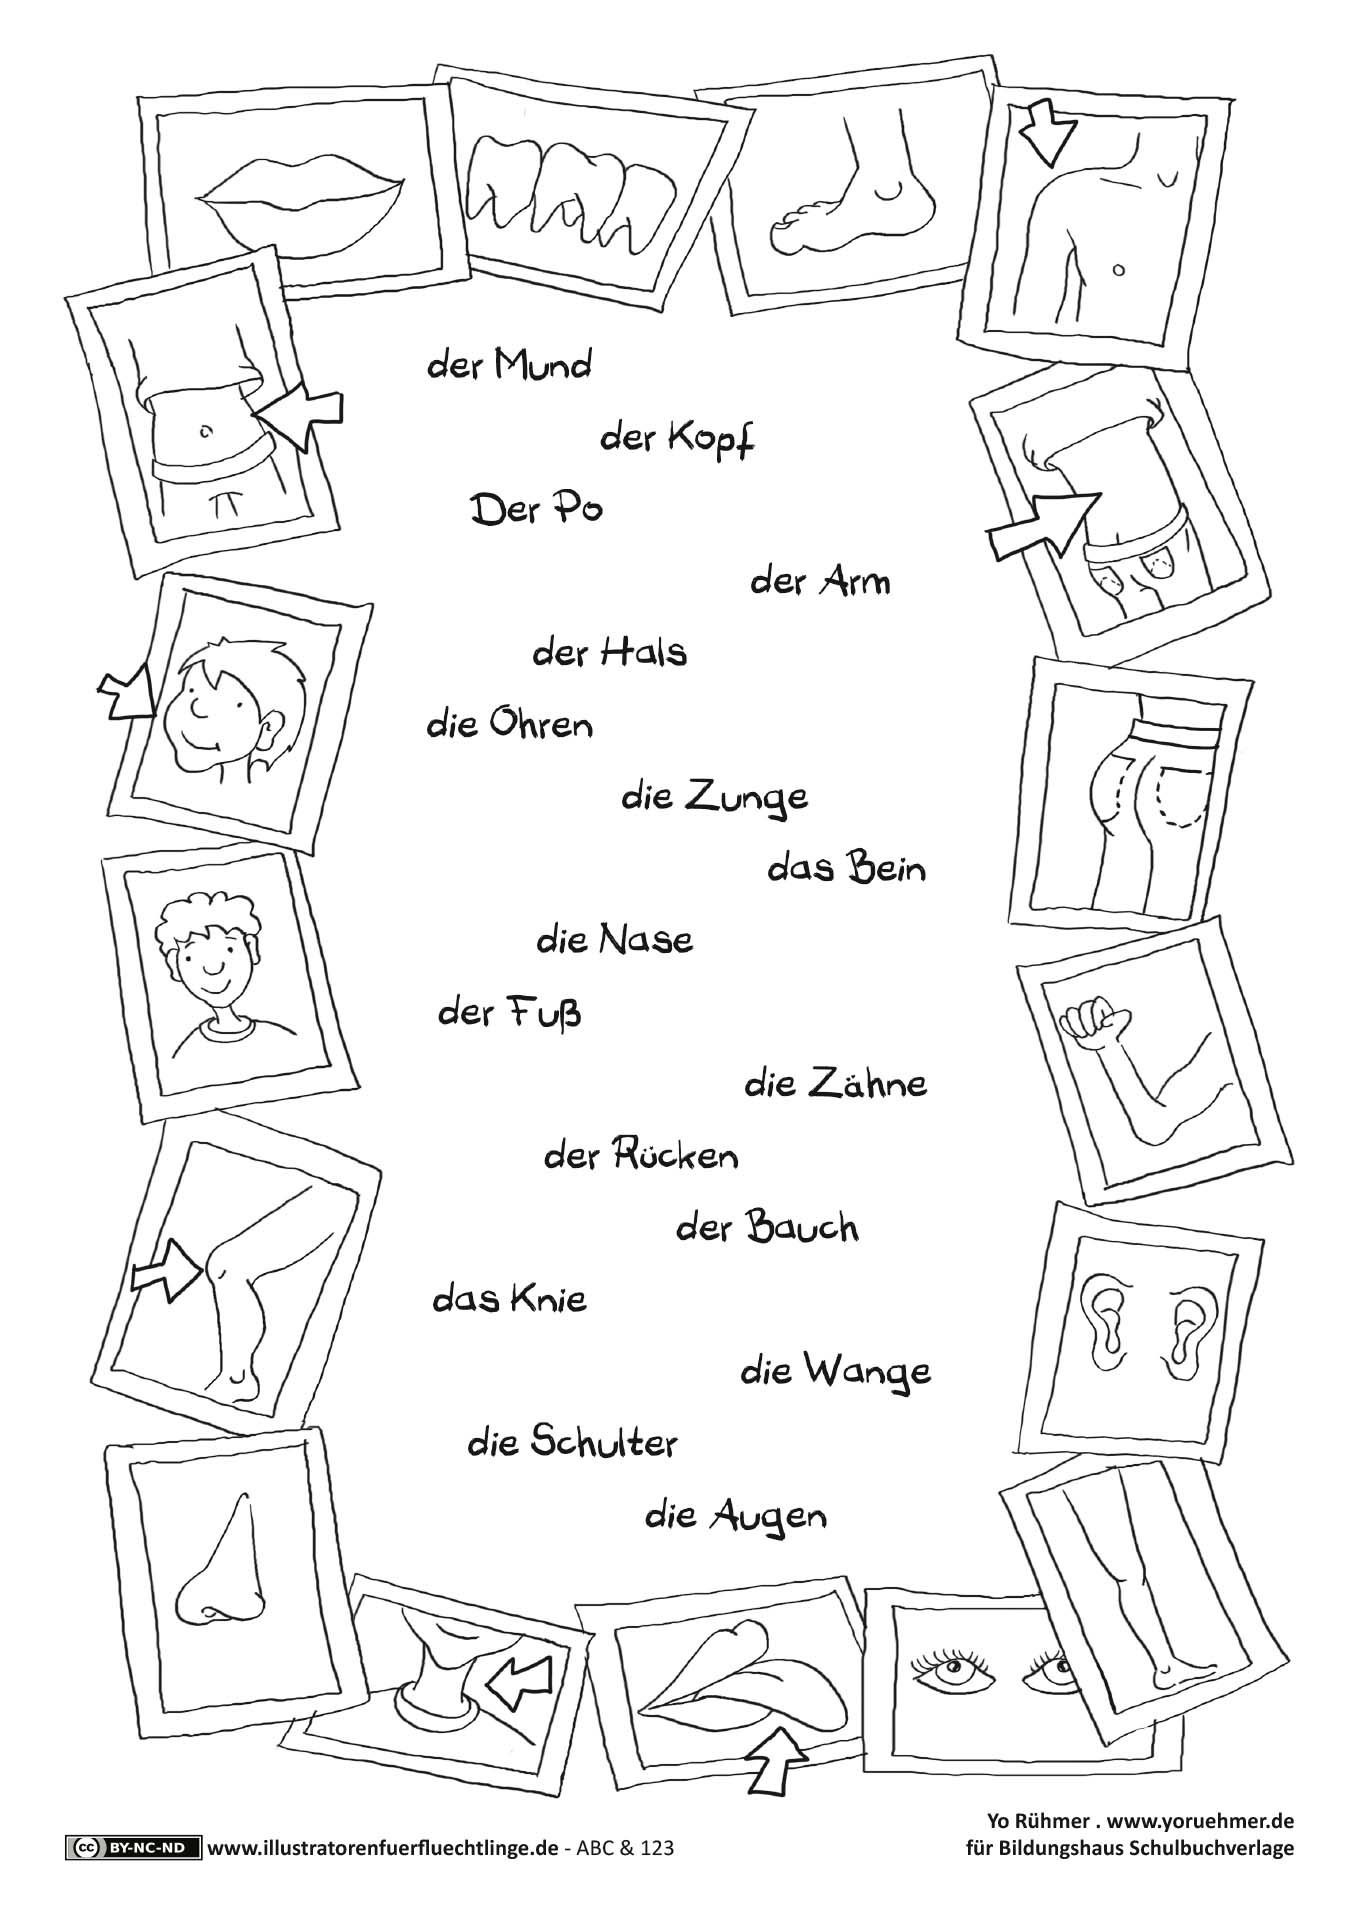 abc und 123 k rperteile r hmer daz pinterest k rperteile schule und deutsch. Black Bedroom Furniture Sets. Home Design Ideas